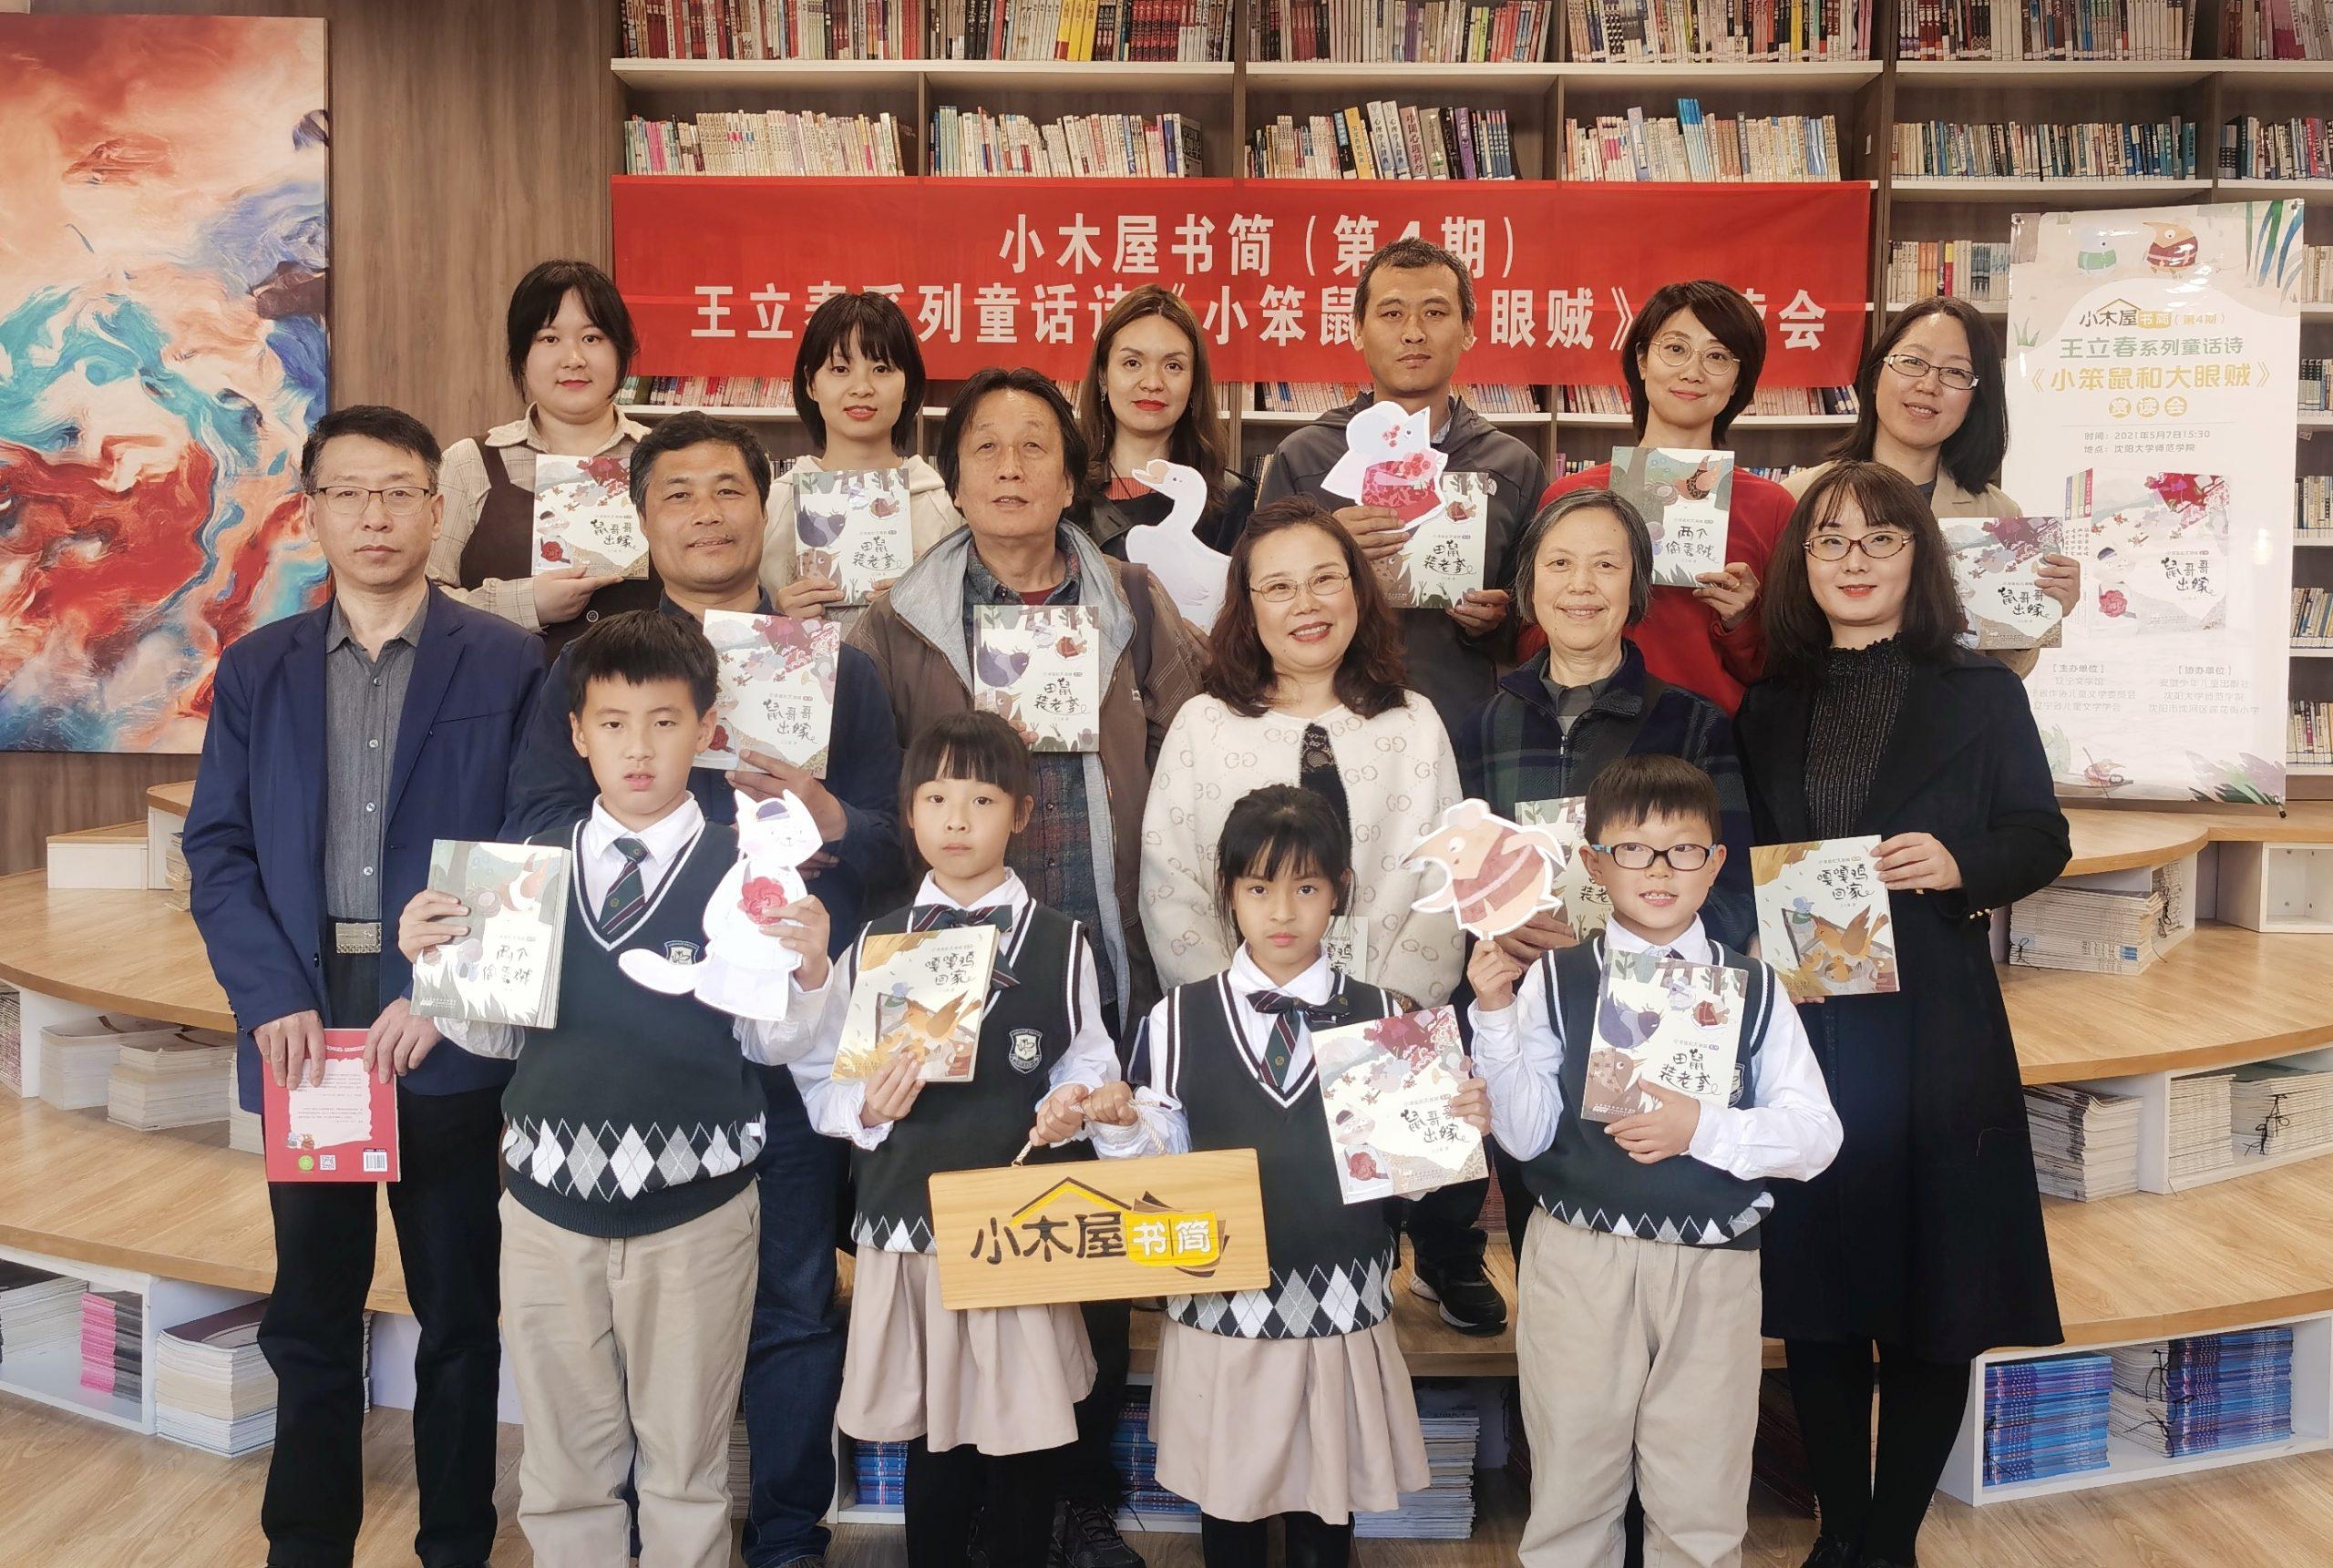 辽宁文学馆携手安徽少年儿童出版社举办王立春童话诗新作《小笨鼠和大眼贼》赏读活动-出版人杂志官网